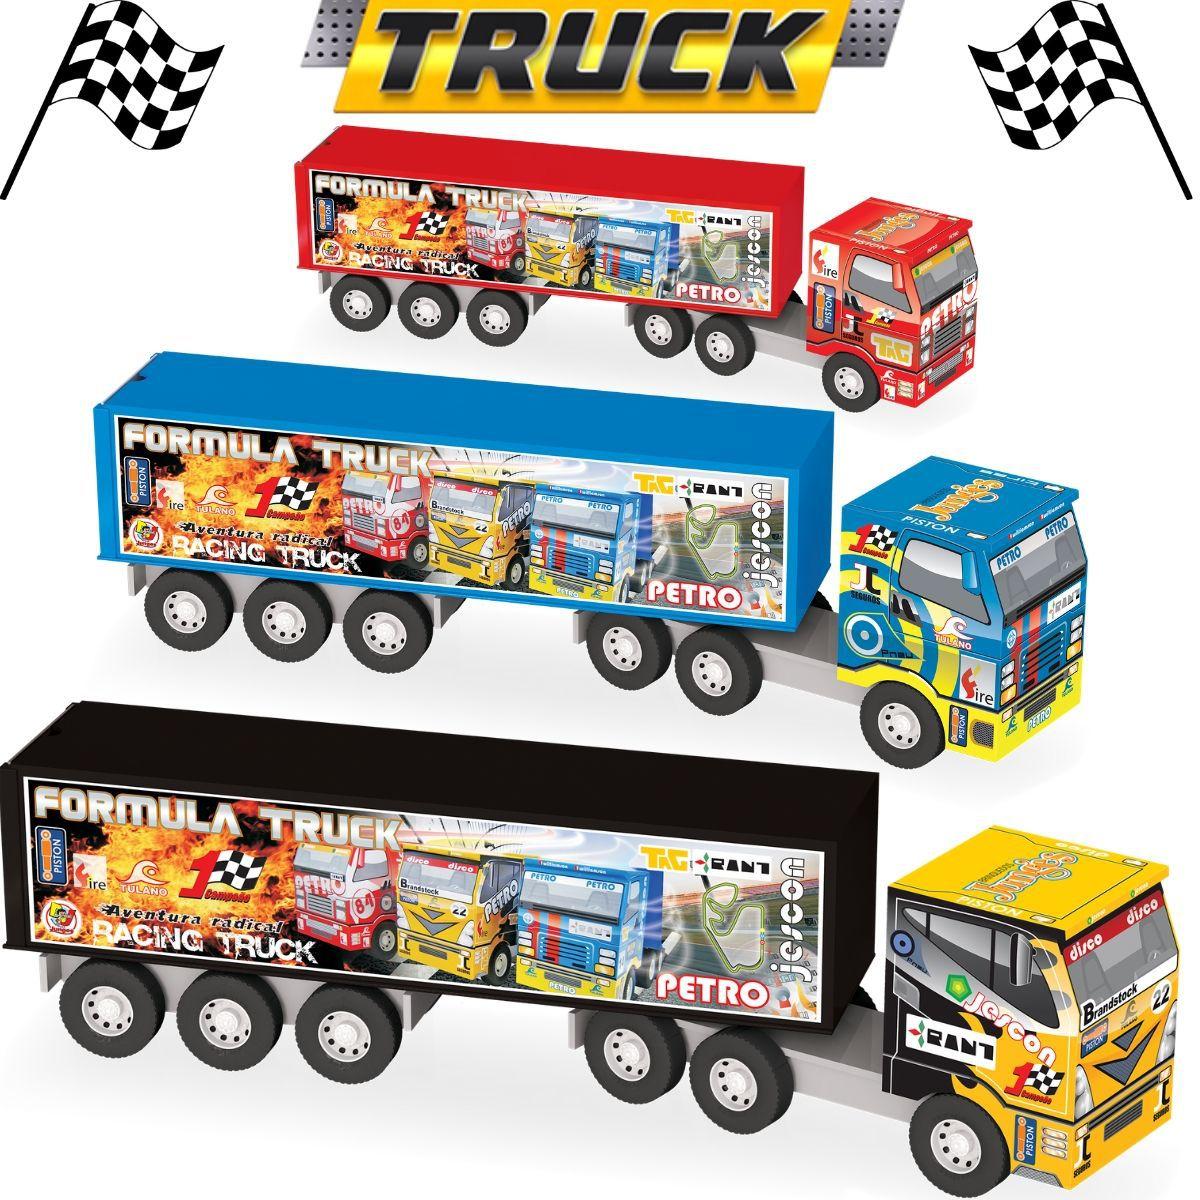 Caminhão Carreta Com Baú Fórmula Truck Articulável Em Madeira De MDF - 108